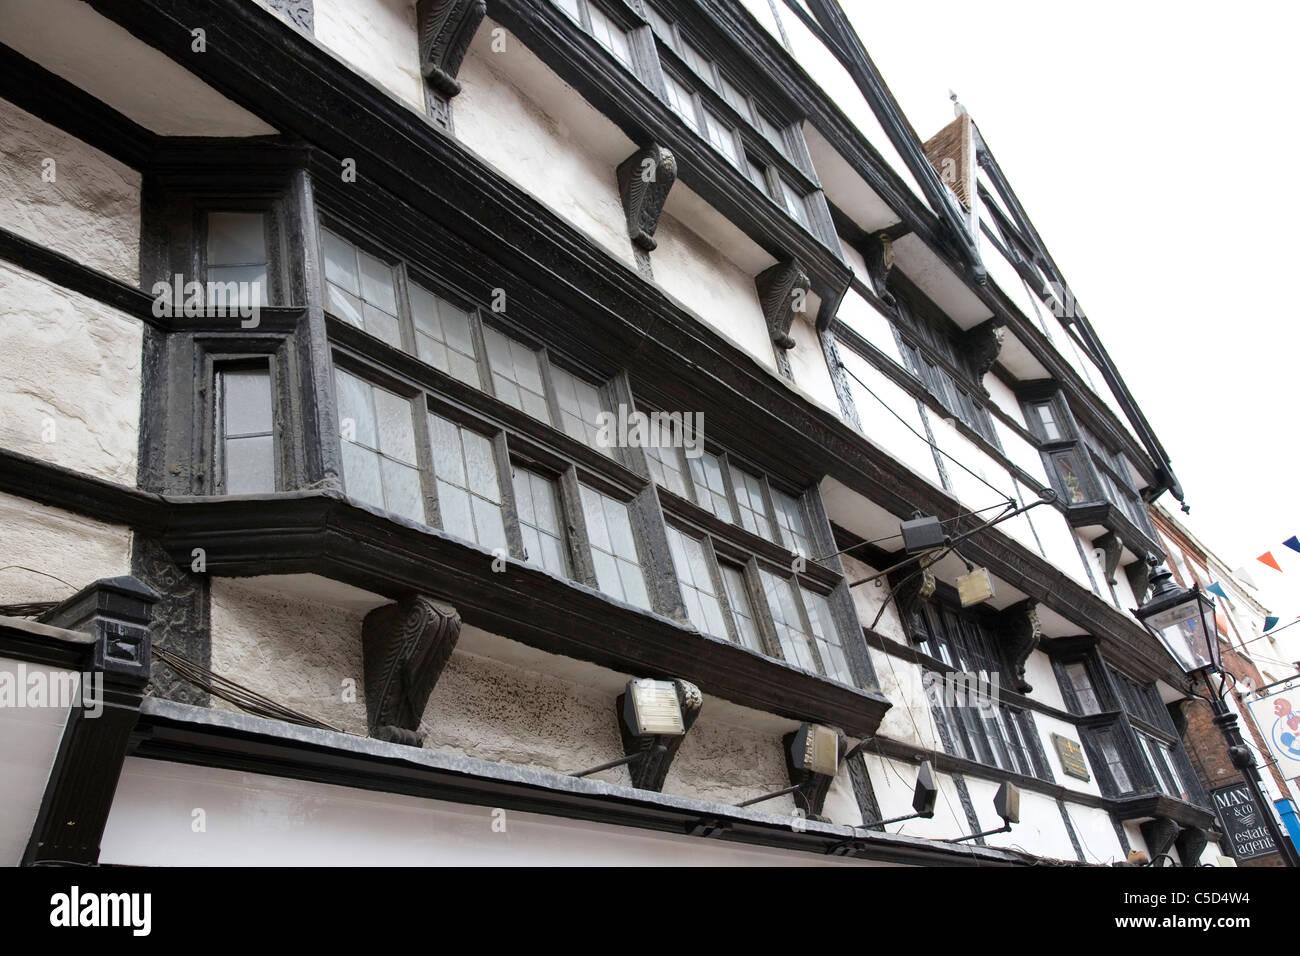 Rochester Tudor Architecture - Stock Image